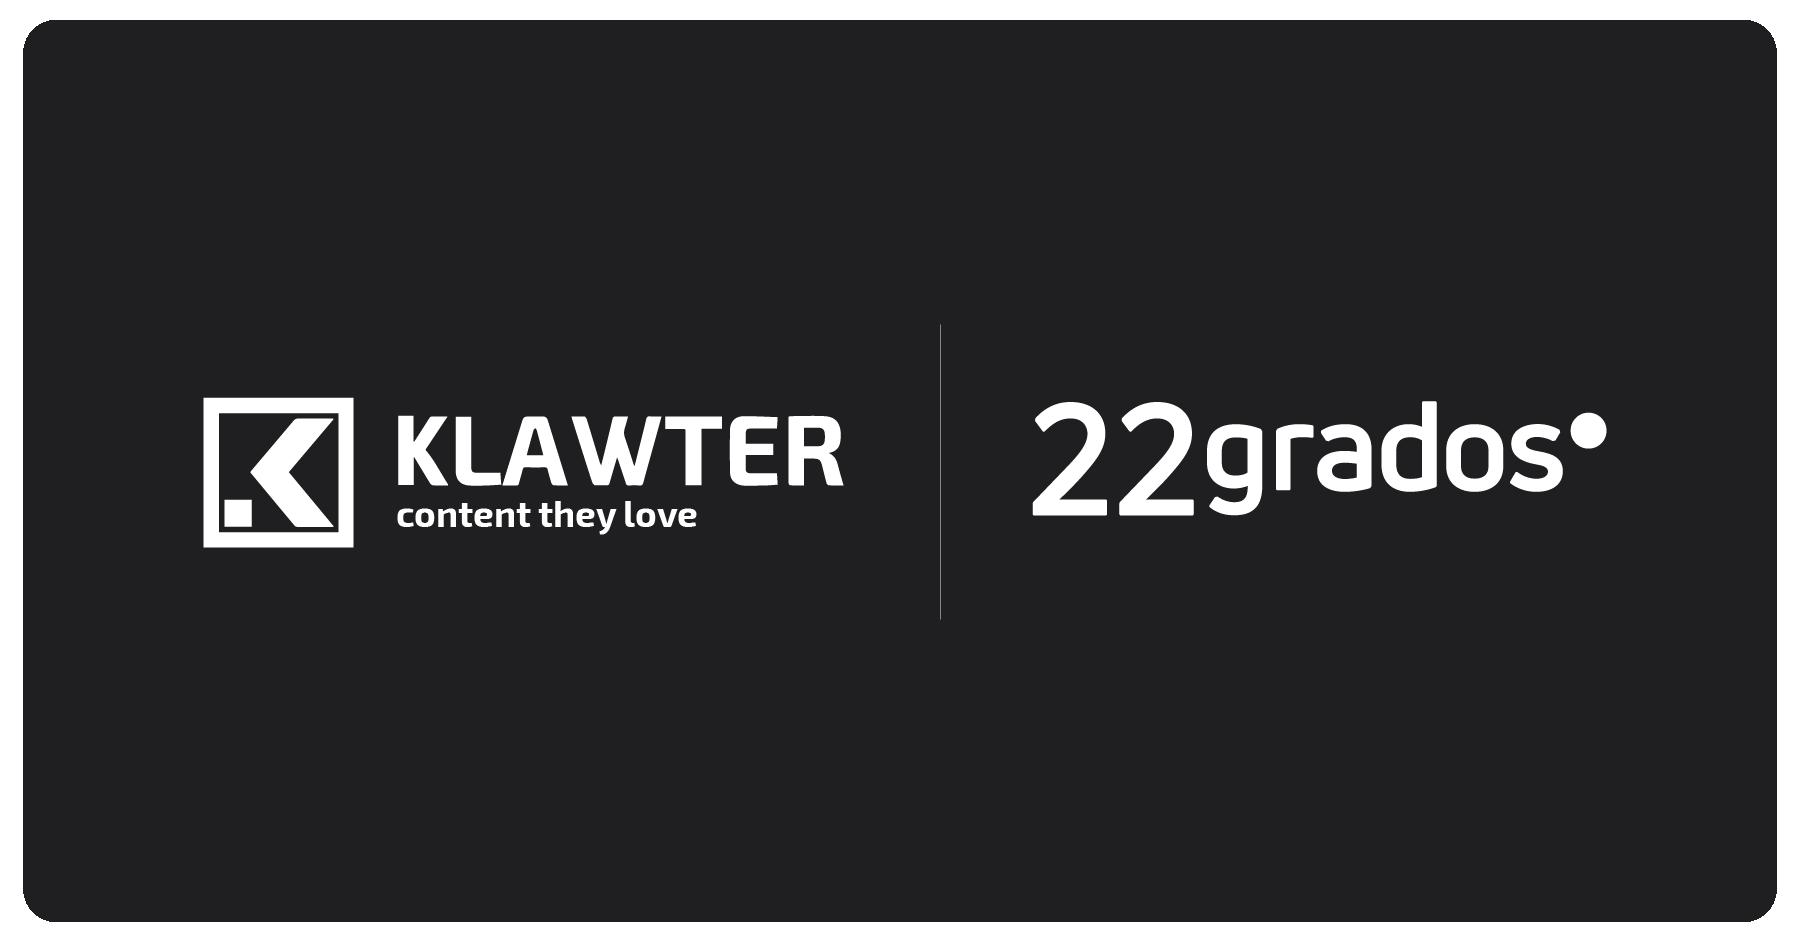 <b>Klawter y 22grados</b> <br>firman una alianza estratégica para el desarrollo de servicios de Social Content